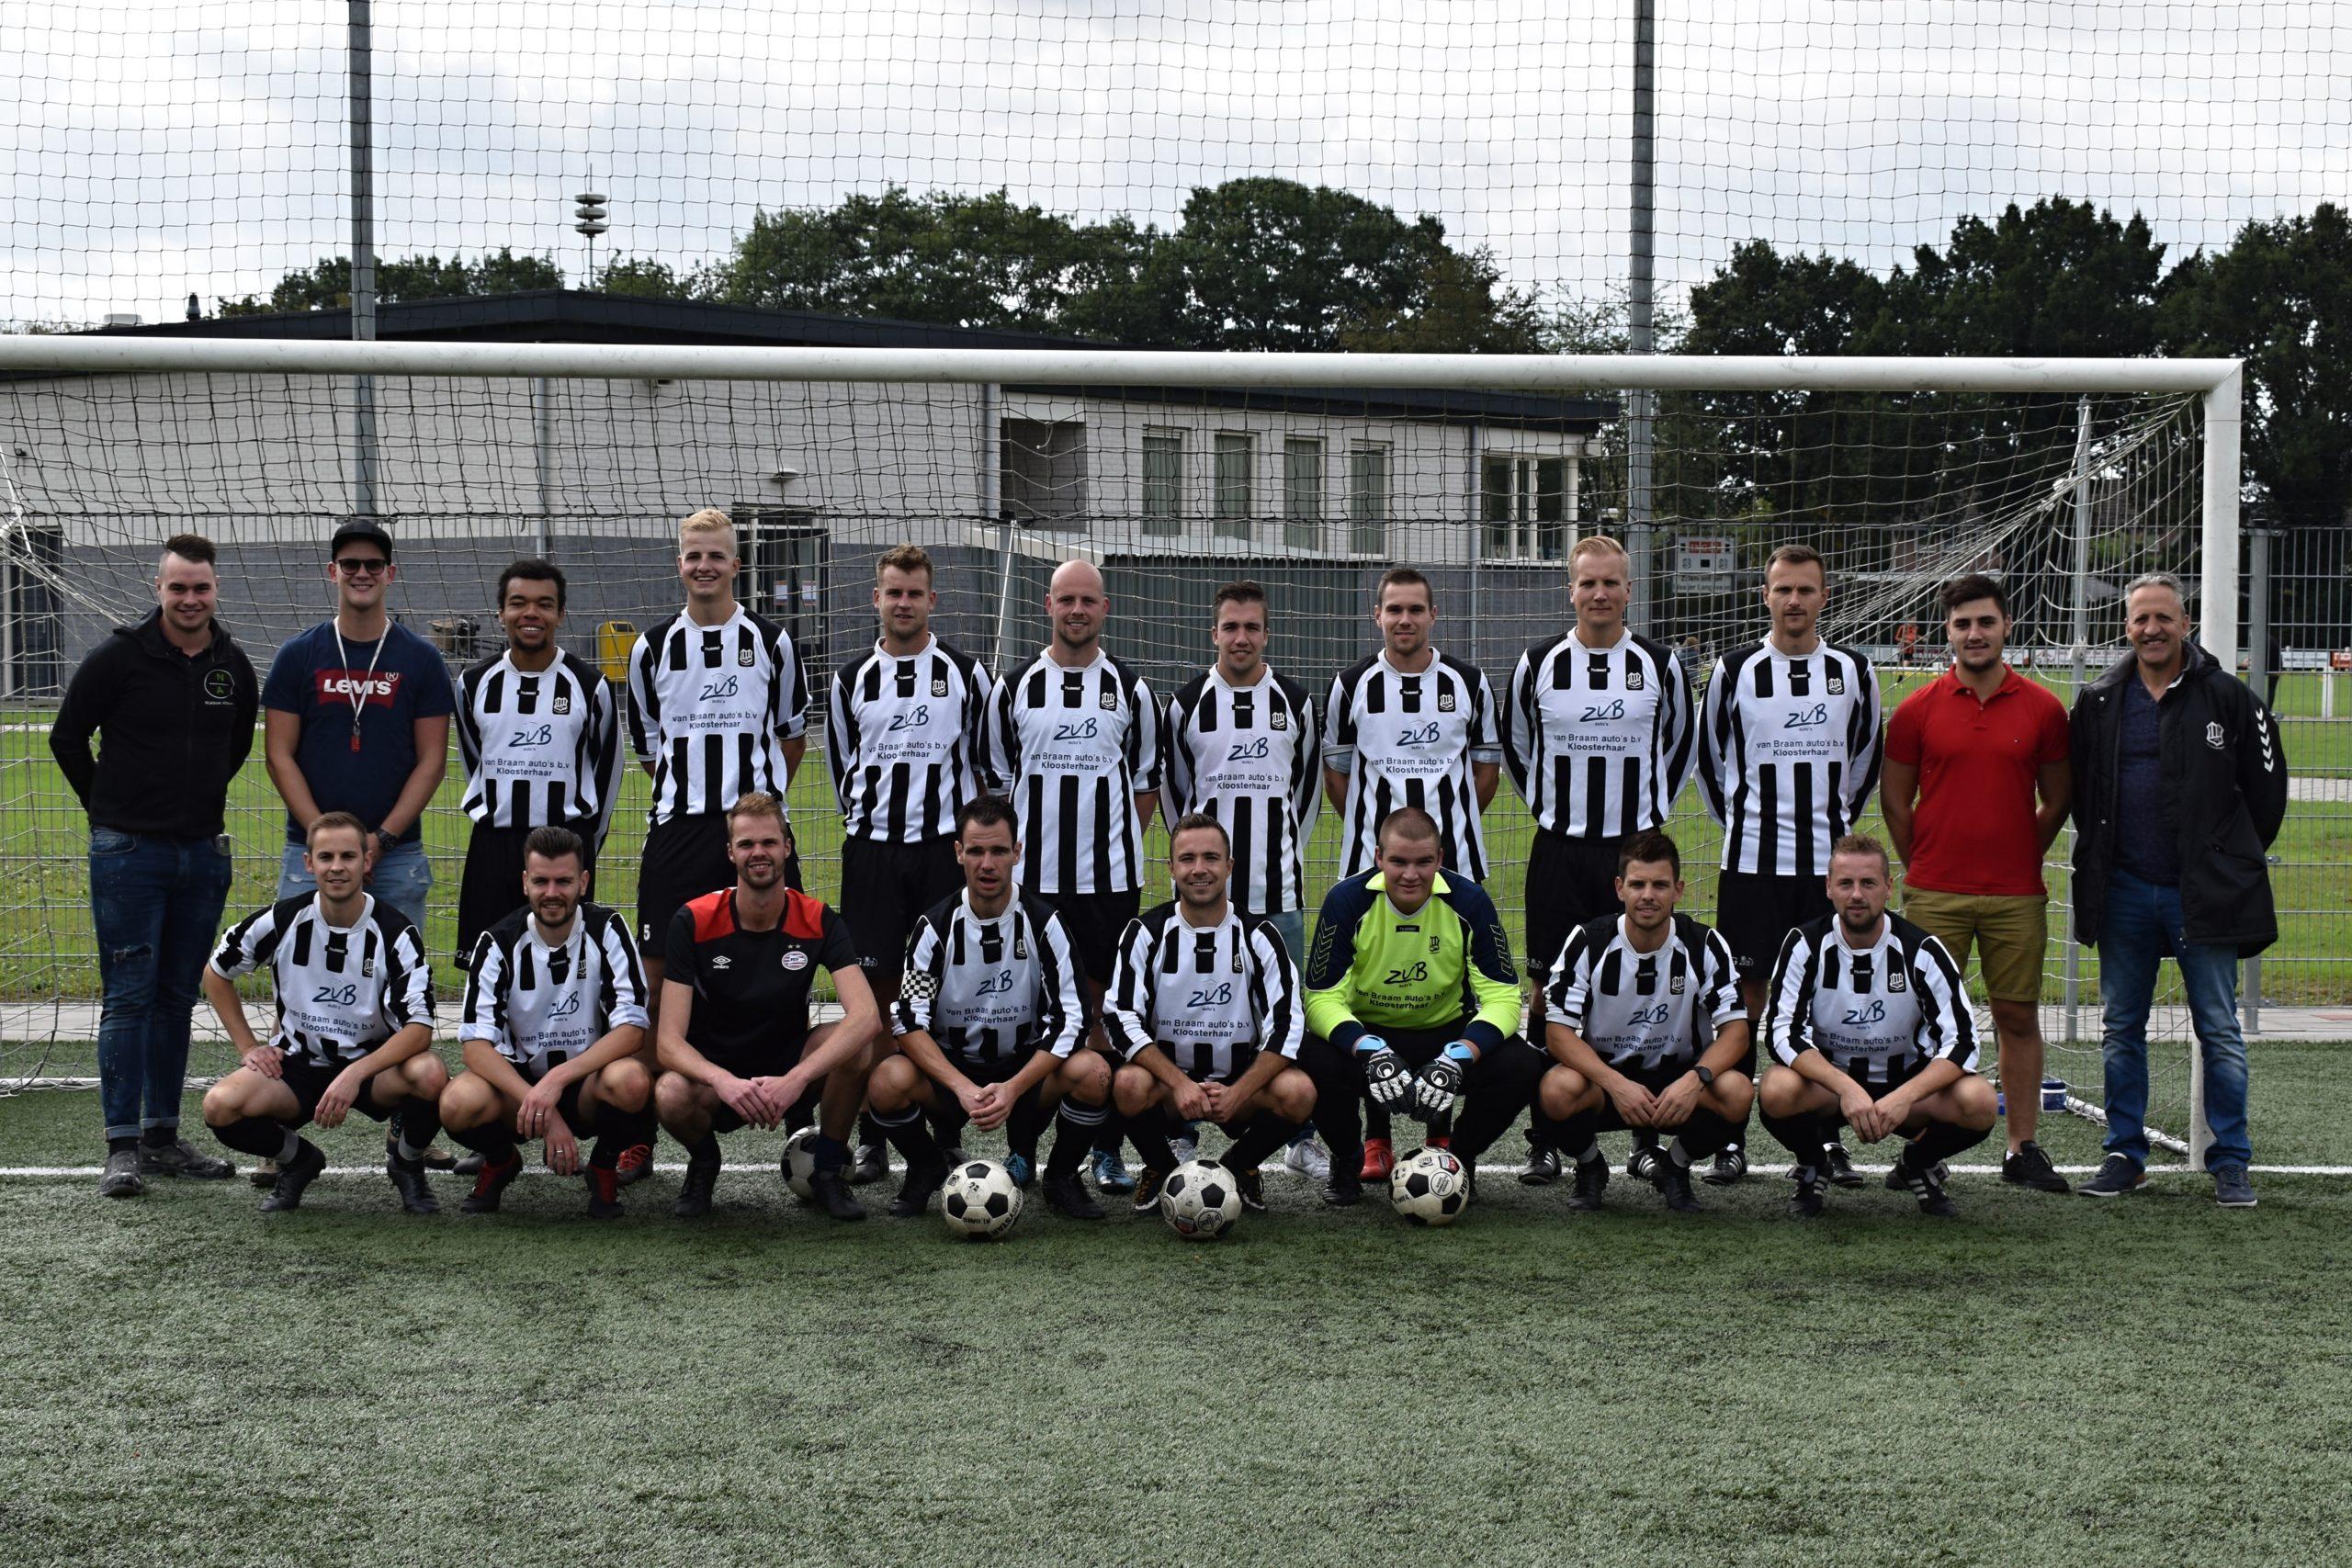 2e-elftal